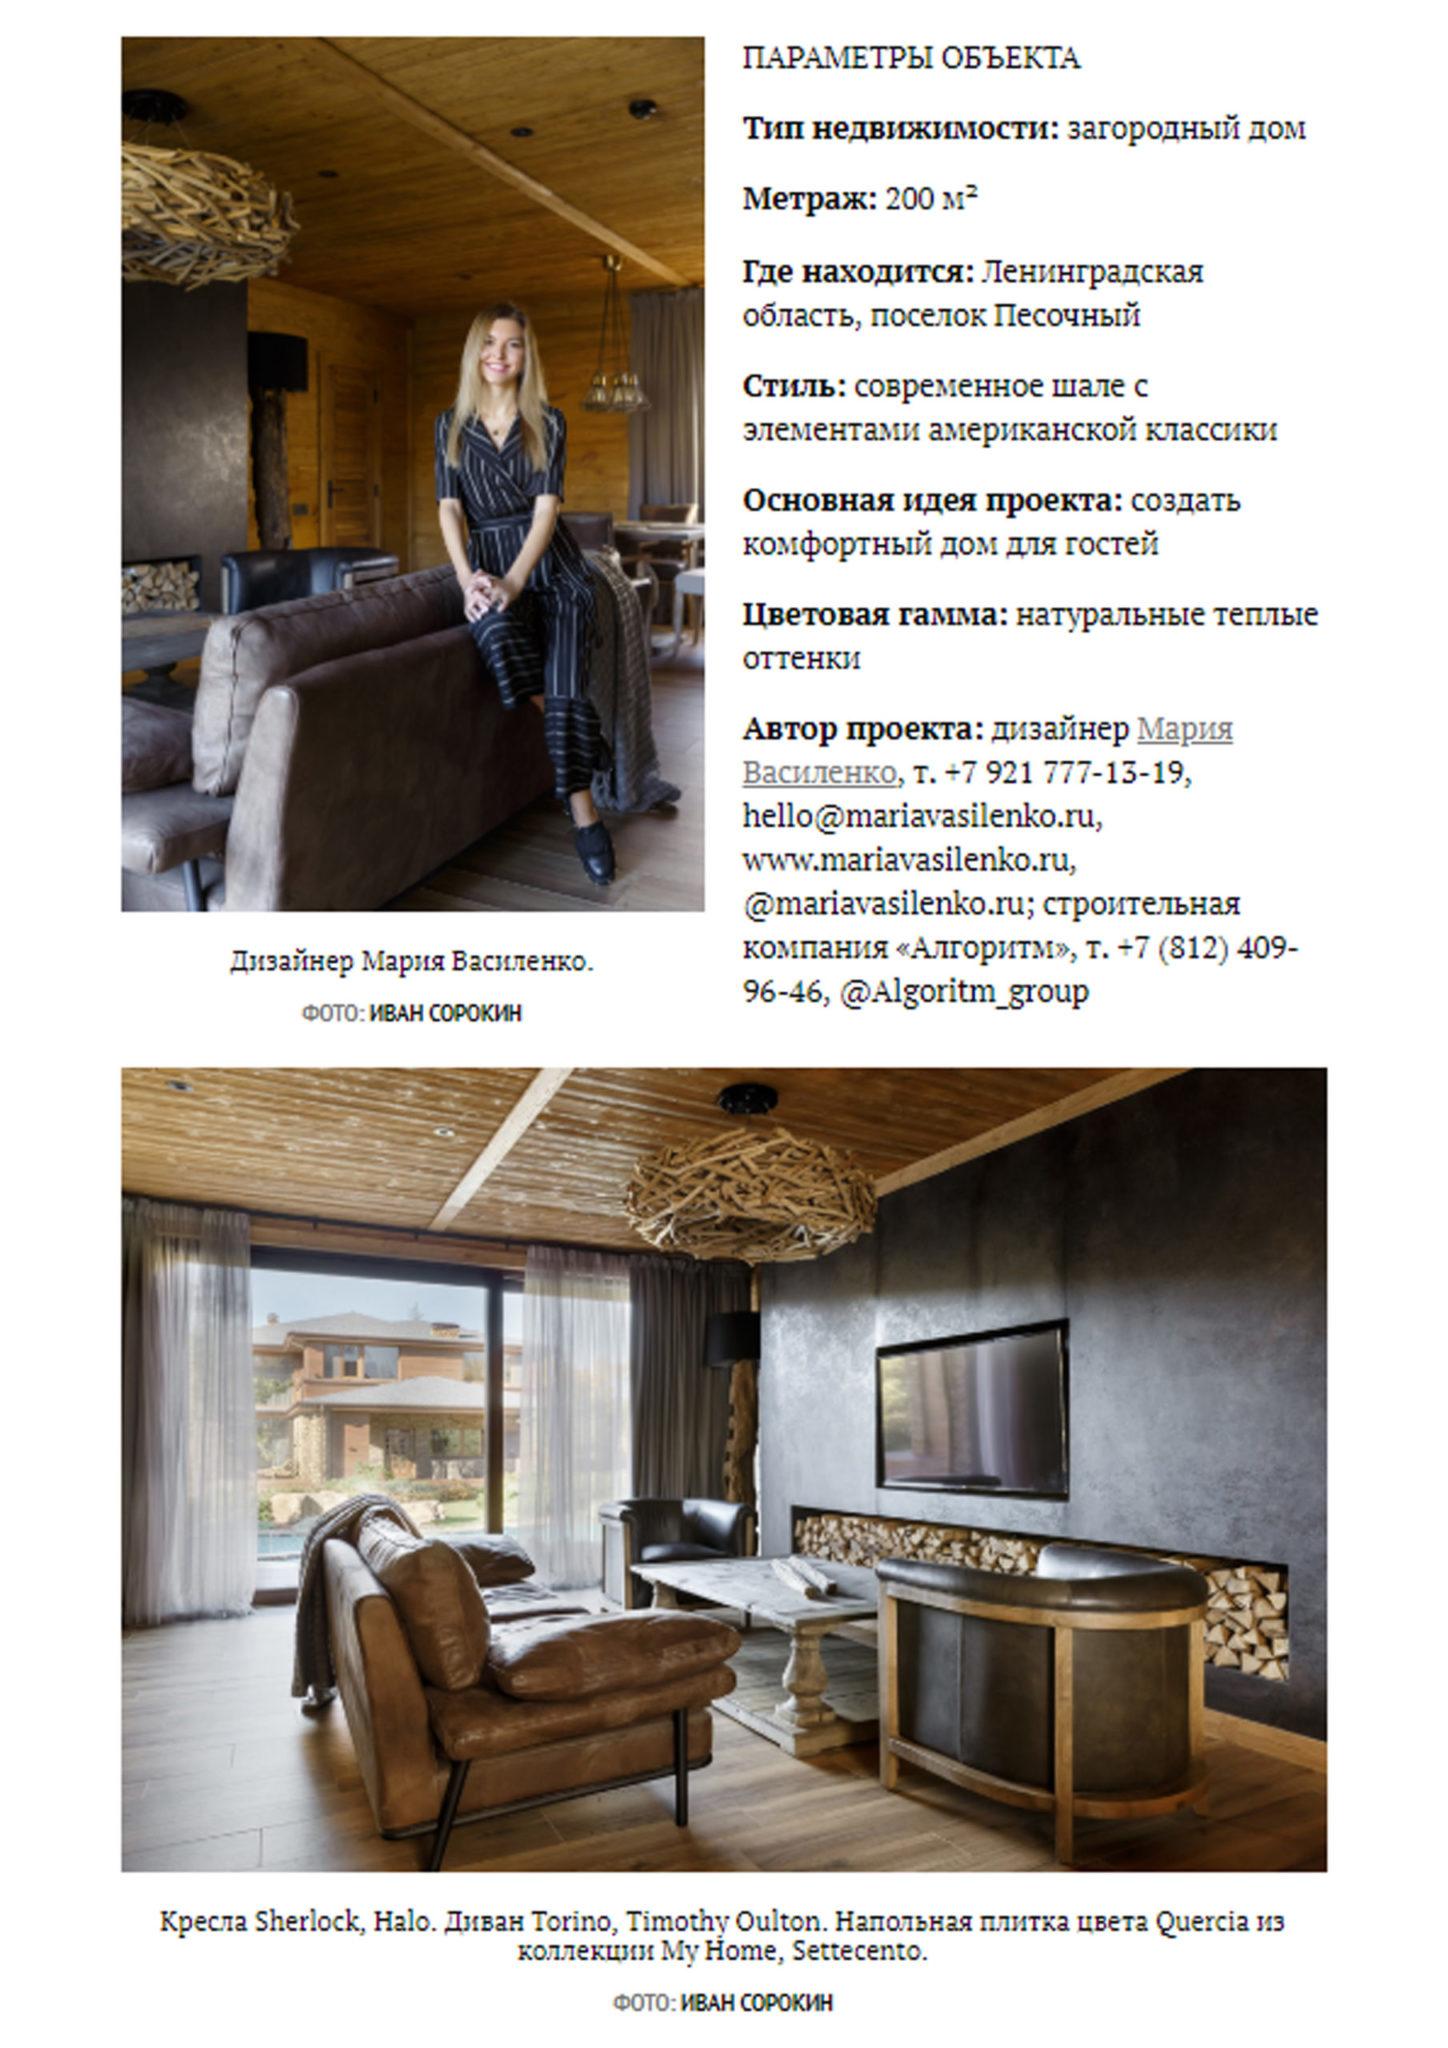 Публикация в журнале Elle decoration